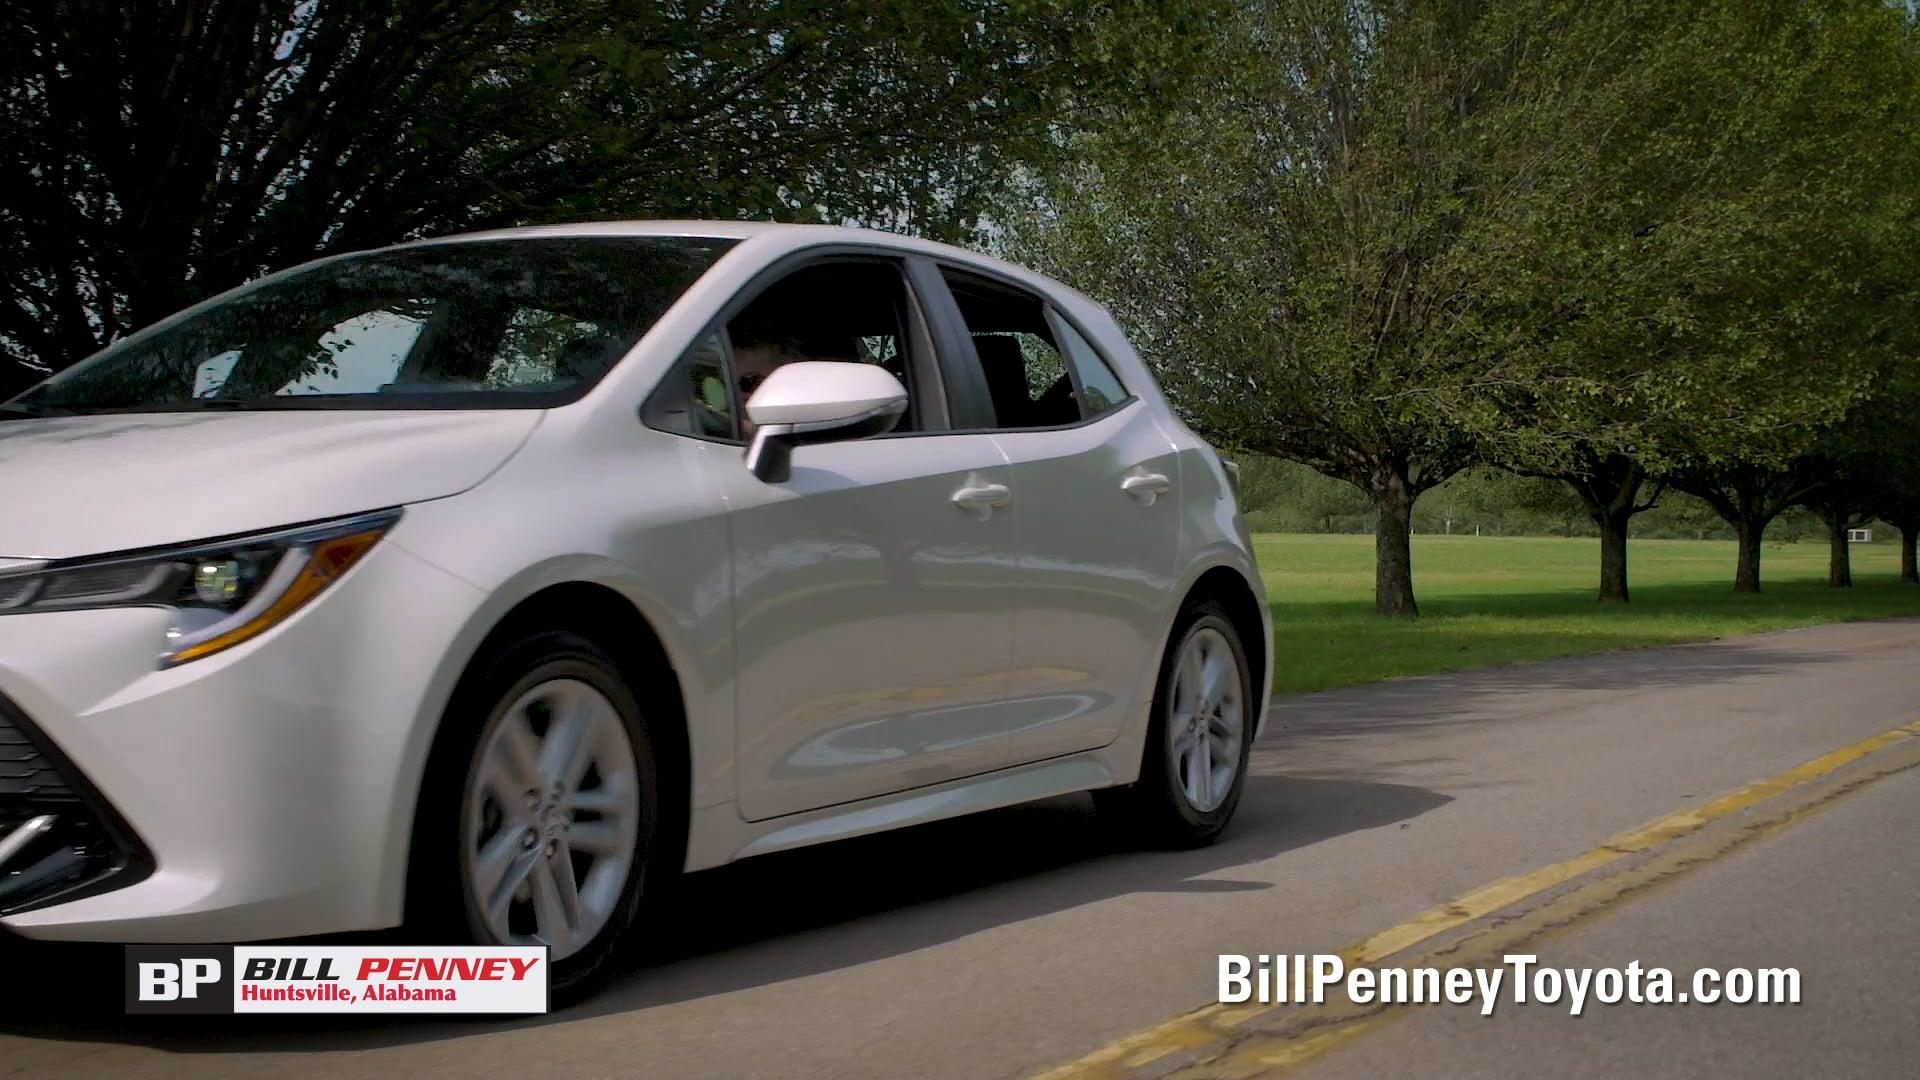 Bill Penney Adventure Tv Spot v2